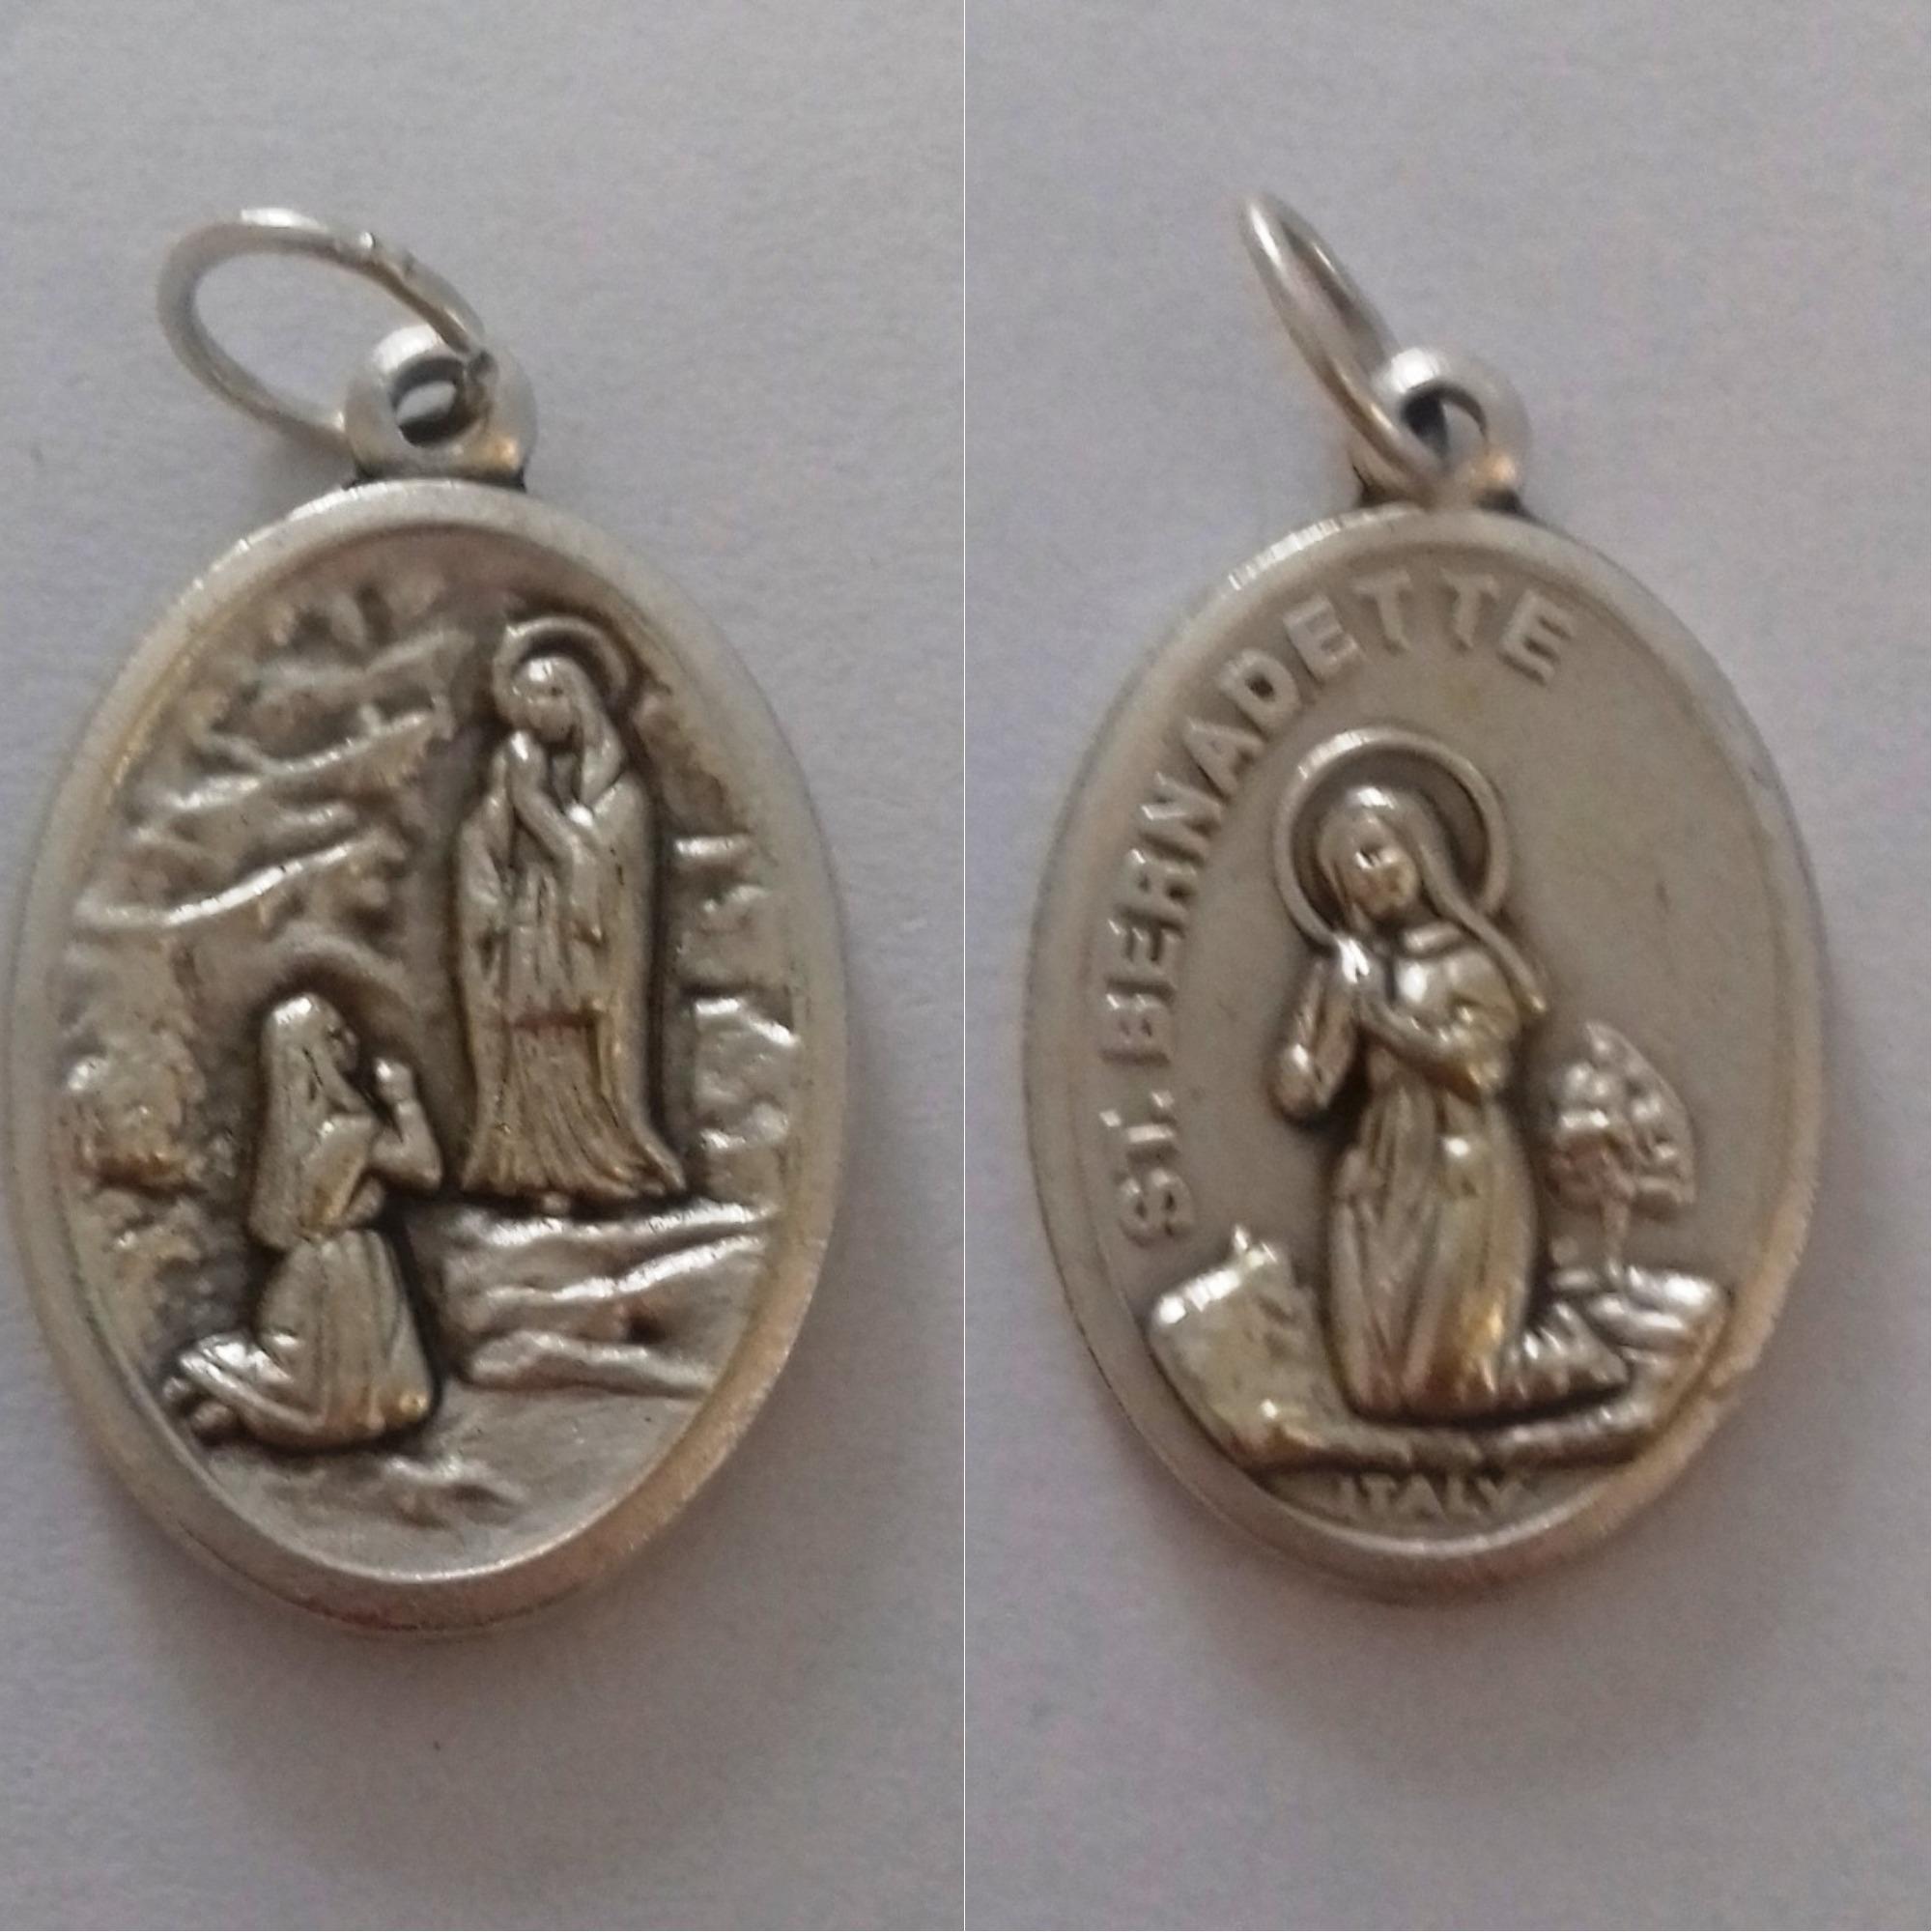 2fb79b325cdec Medalha Nossa Senhora Lourdes Cordao